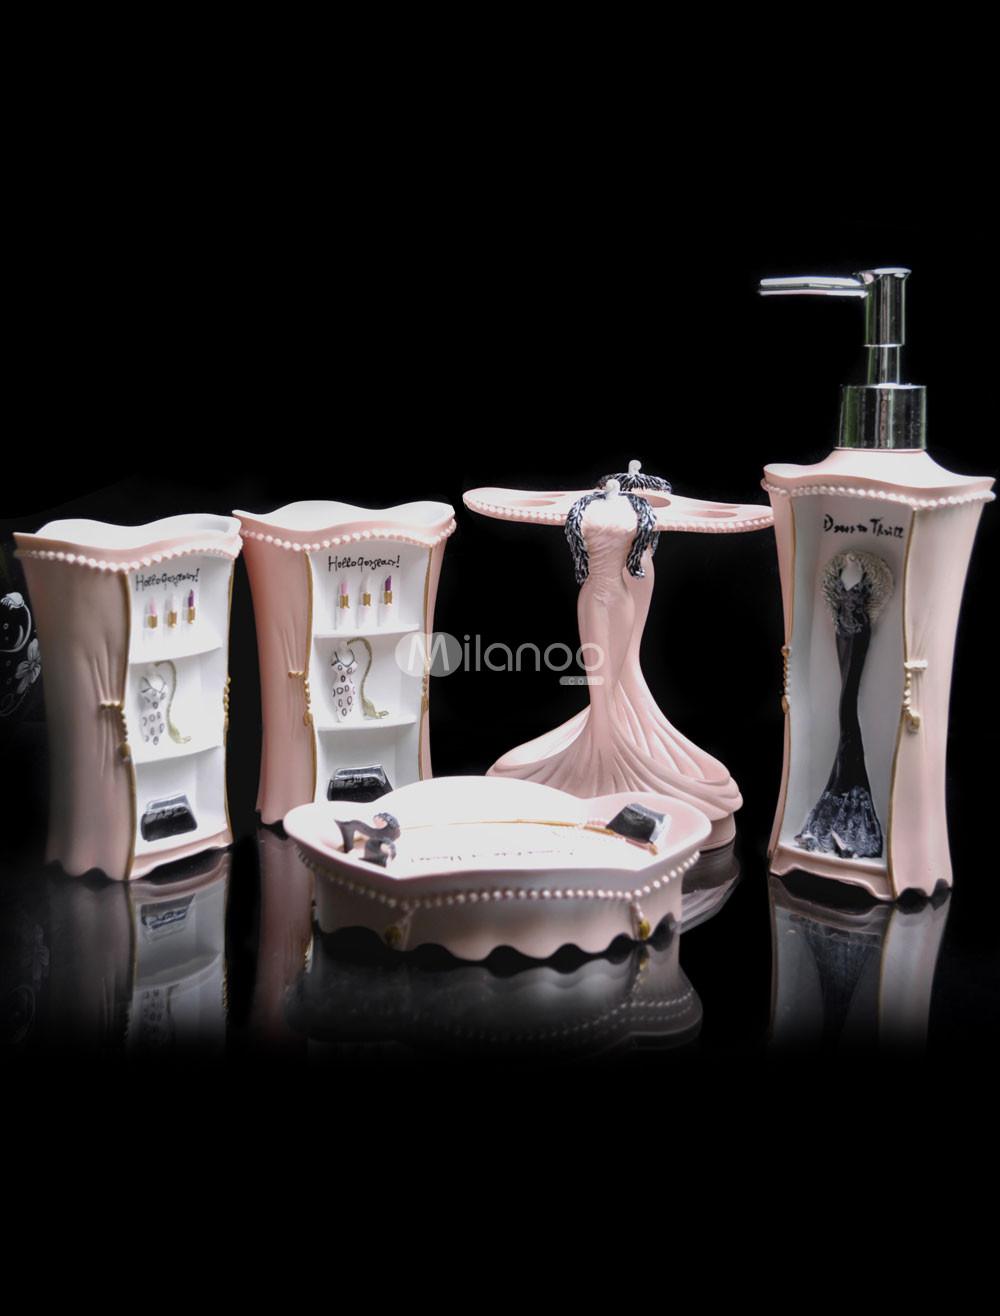 Avis sur accessoires de salle de bains leroy merlin - Leroy merlin accessoires salle de bain ...